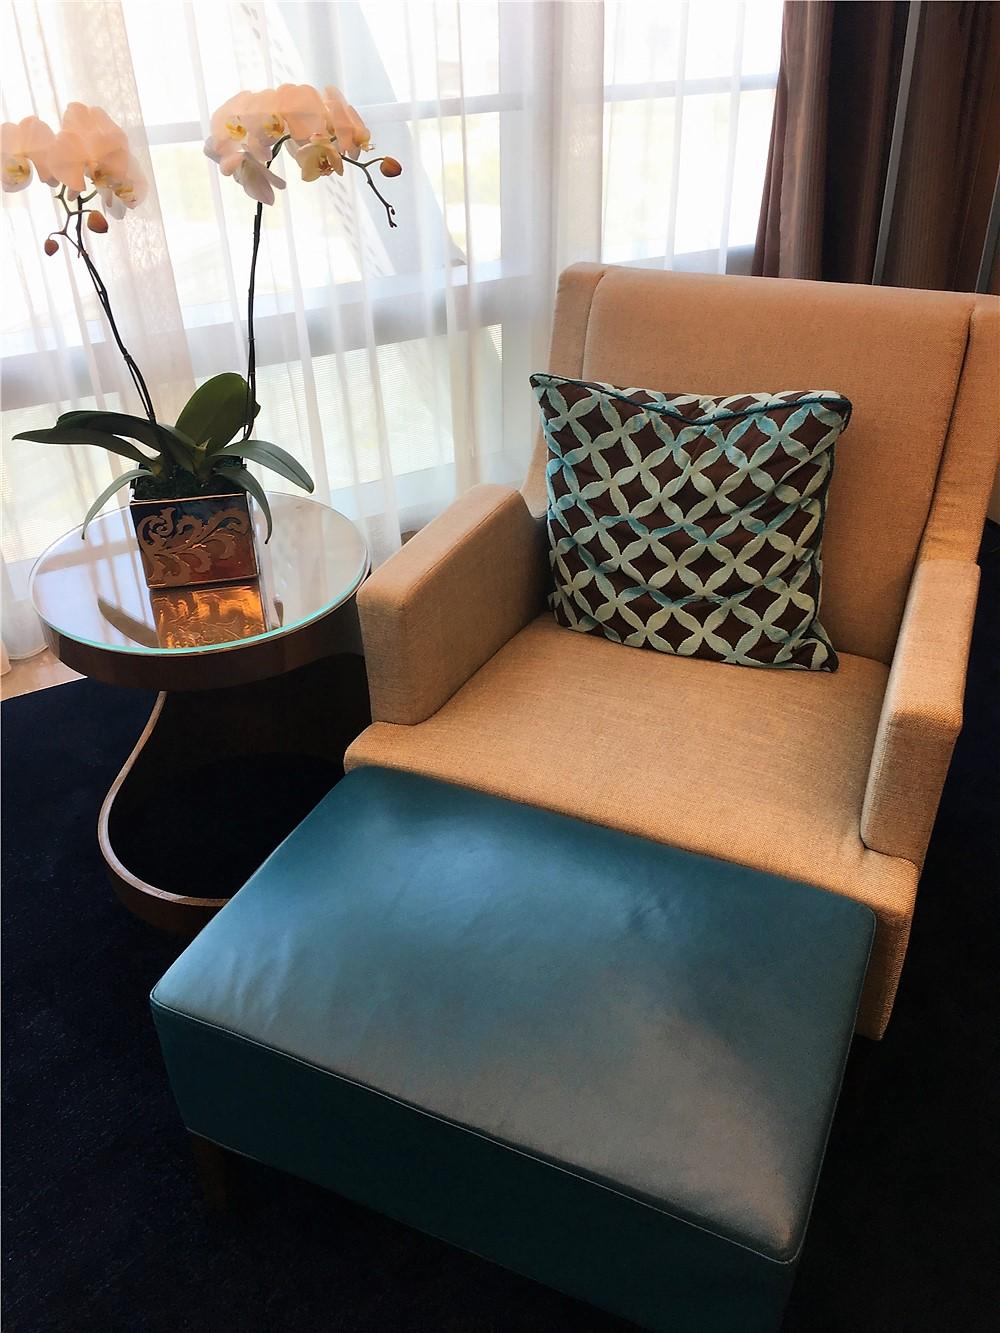 深圳前海華僑城JW萬豪酒店(JW Marriott Hotel Shenzhen Bao'an)-貴妃椅